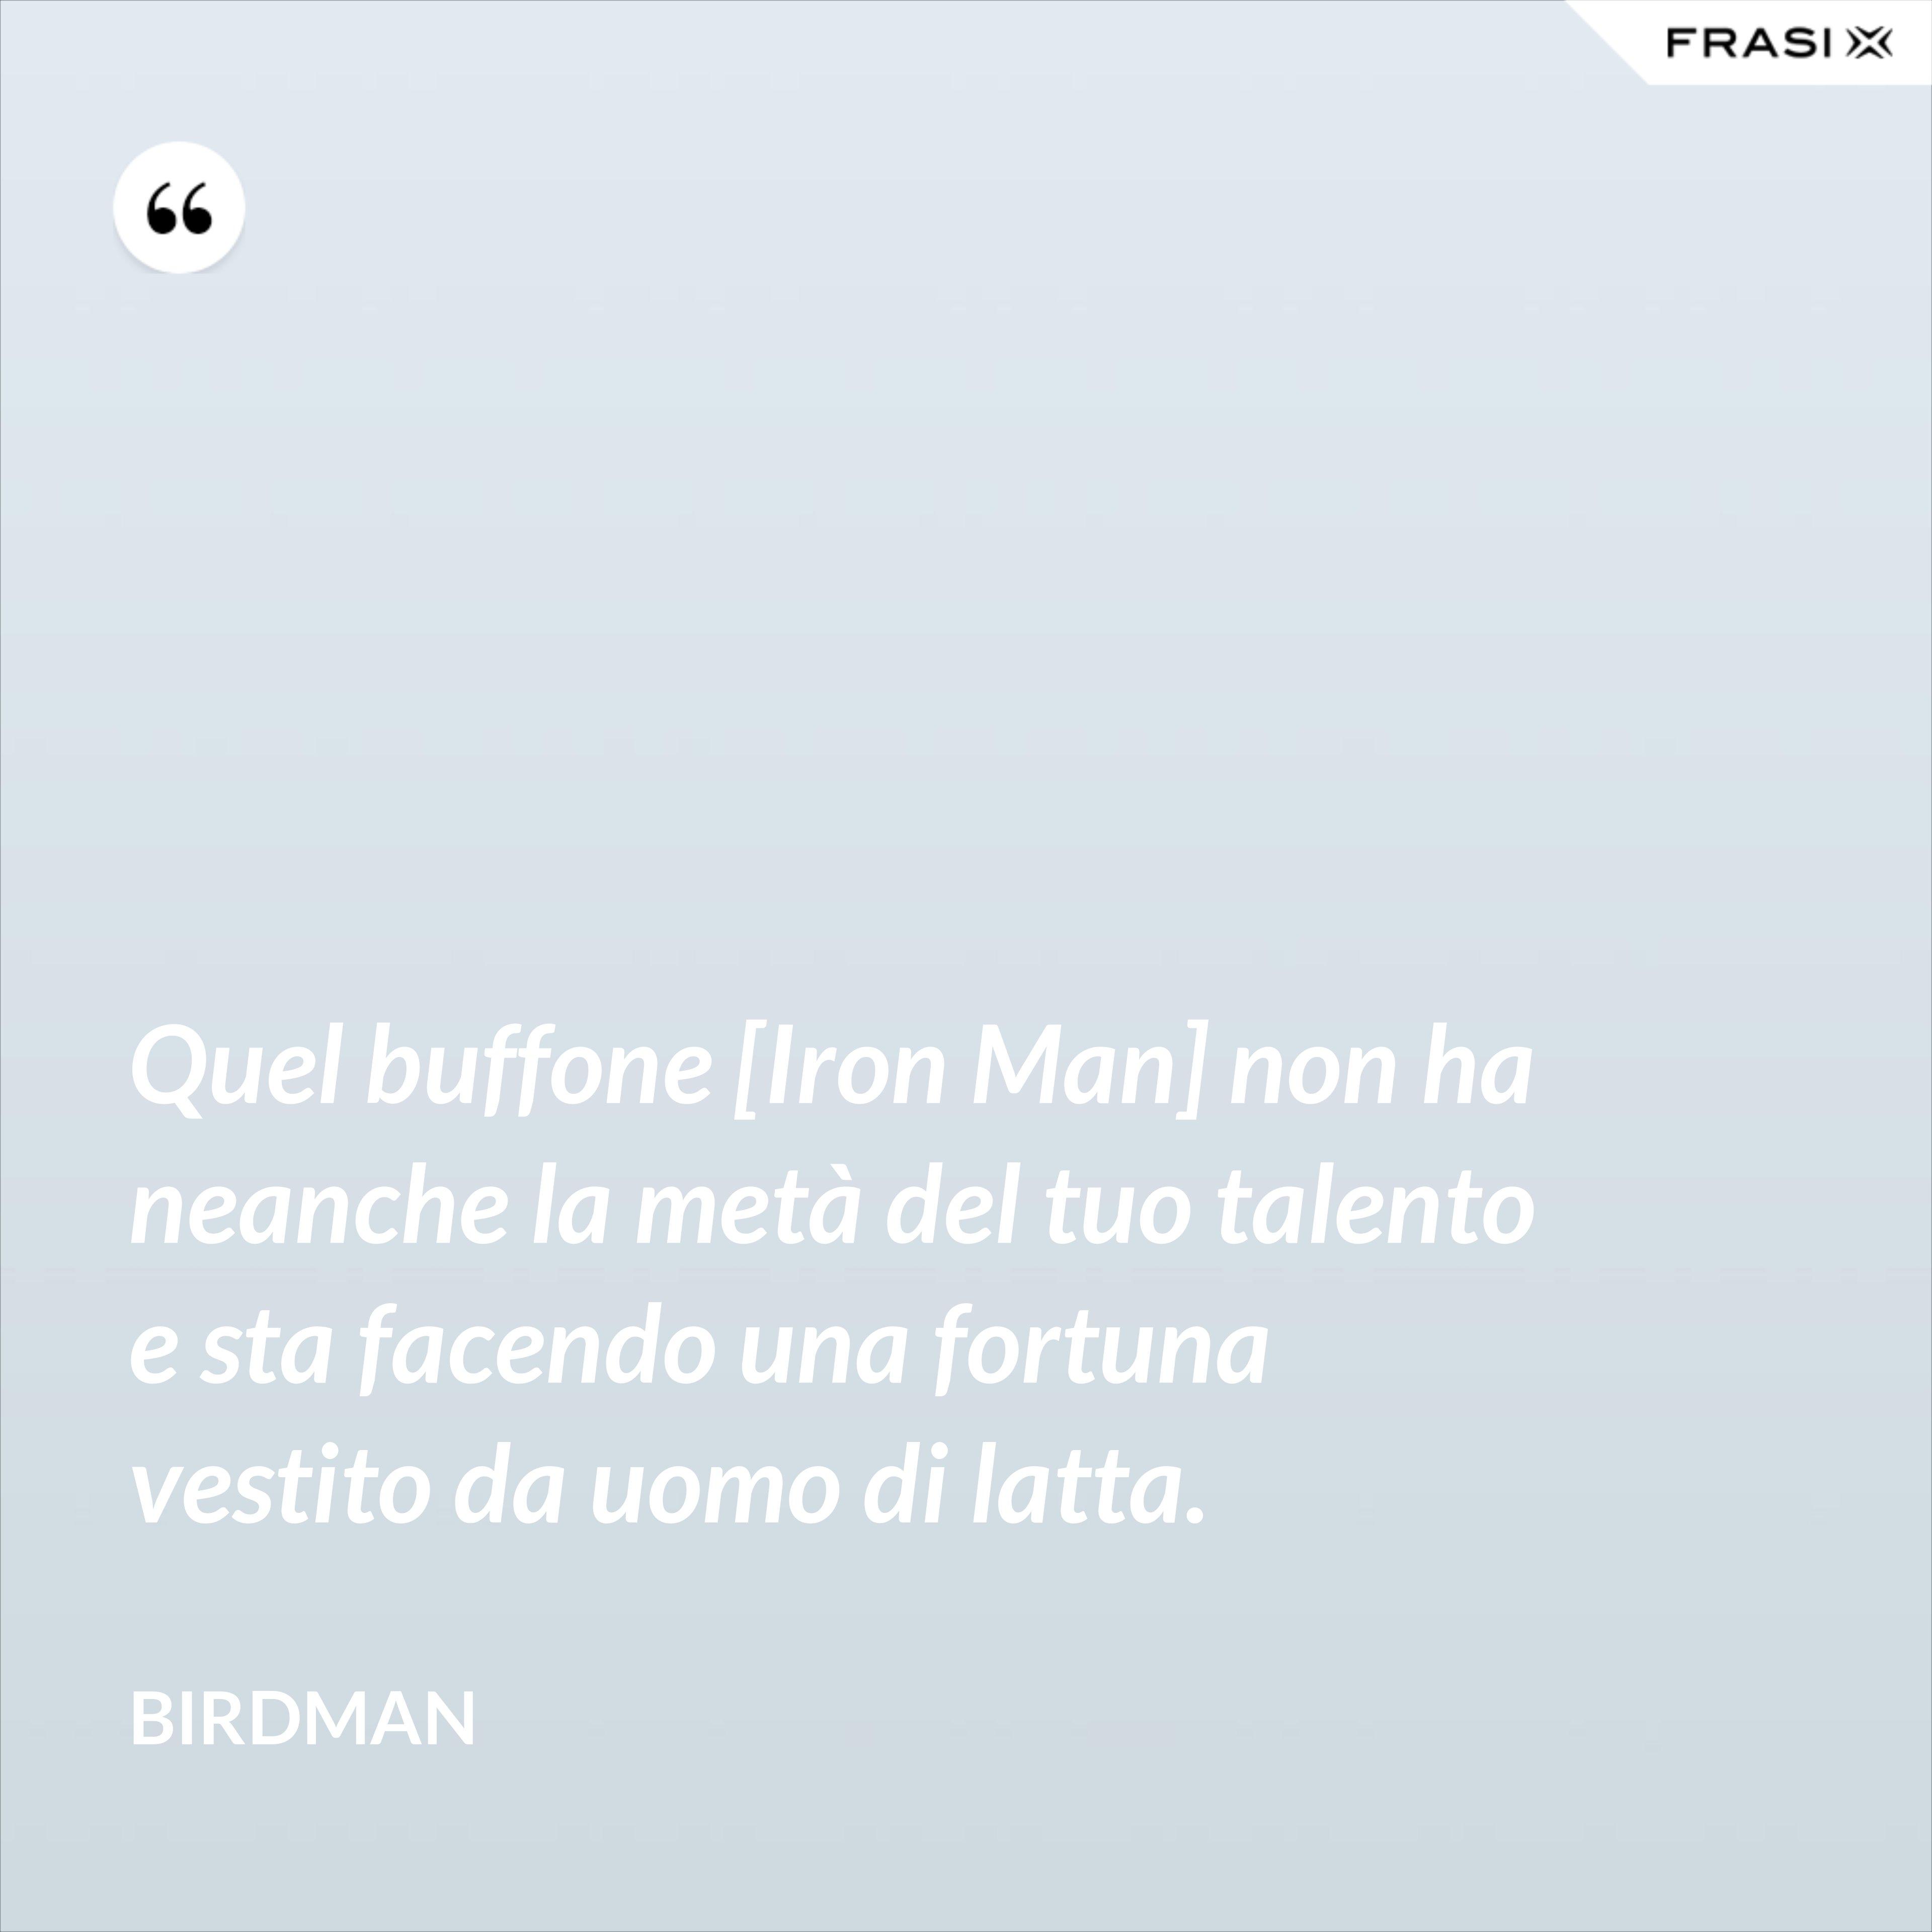 Quel buffone [Iron Man] non ha neanche la metà del tuo talento e sta facendo una fortuna vestito da uomo di latta. - Birdman